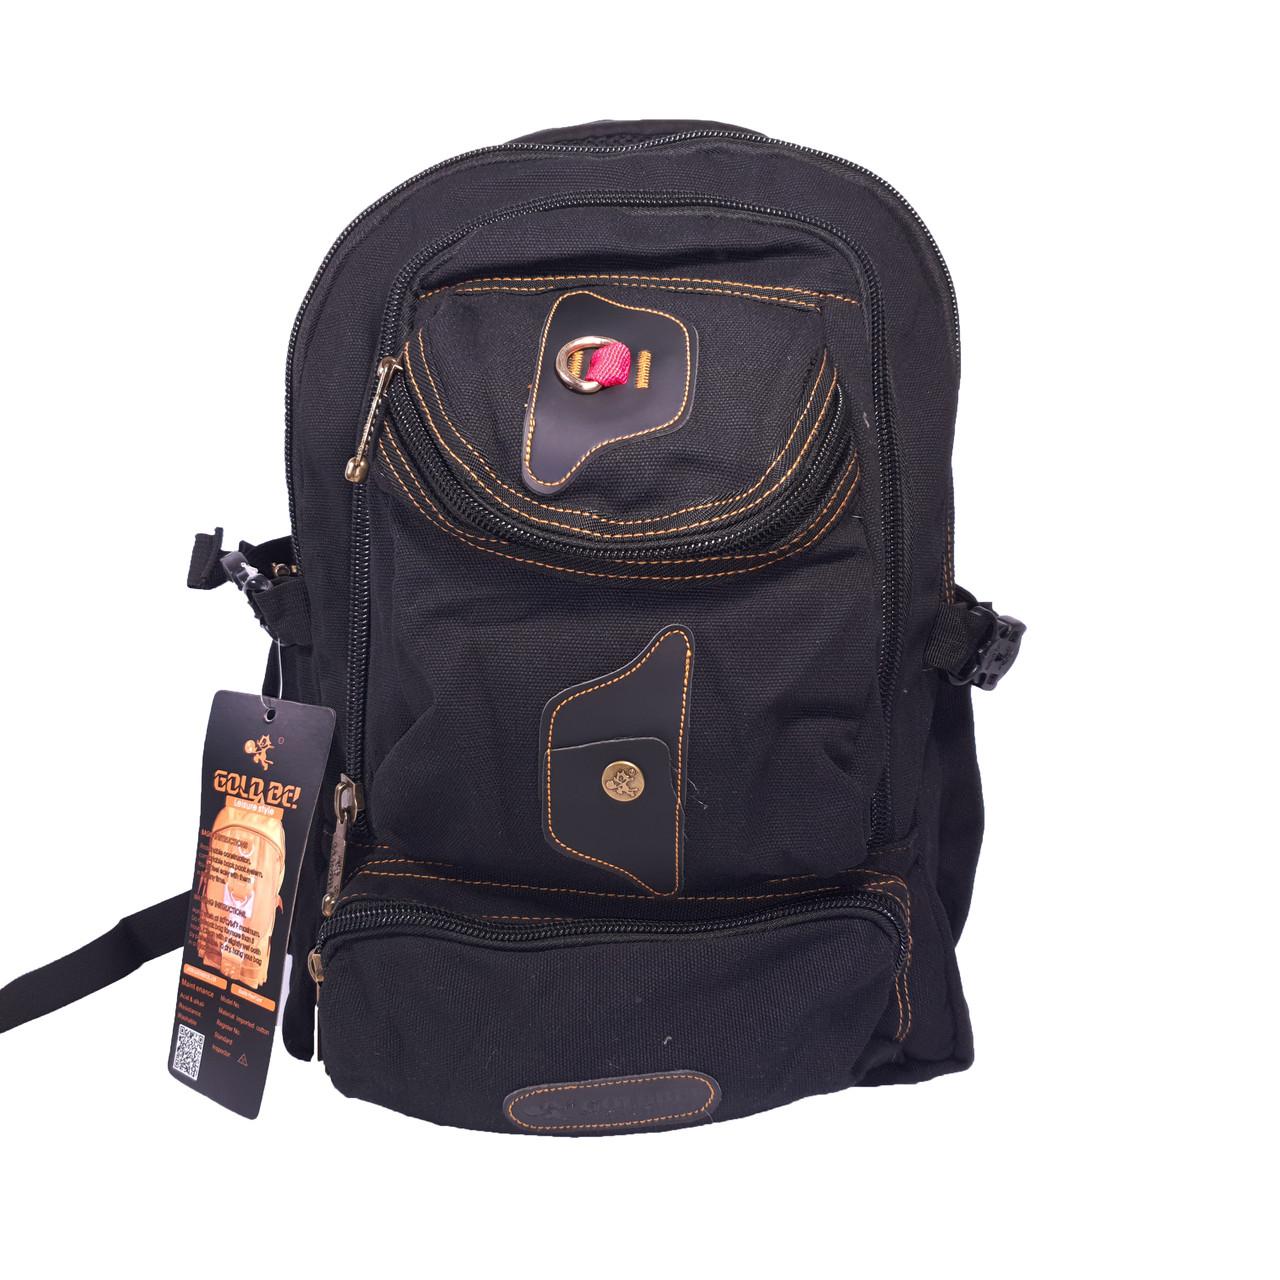 Брезентовый(джинсовый) средний рюкзак GoldBe!